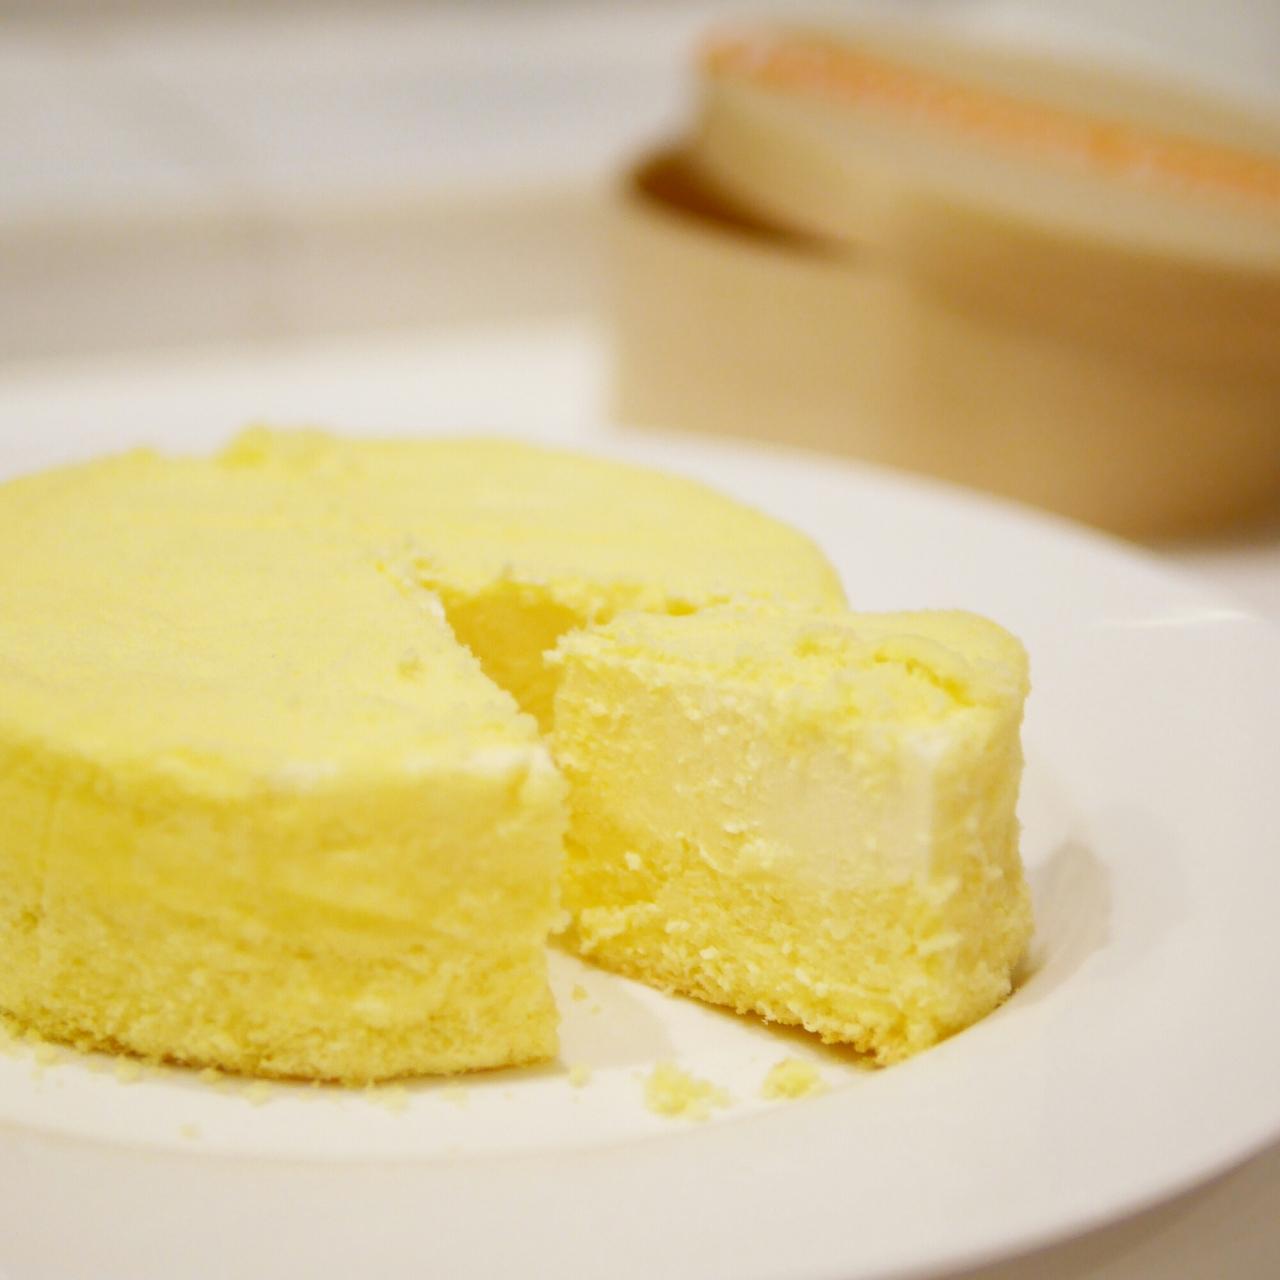 Letao Cheesecake closeup